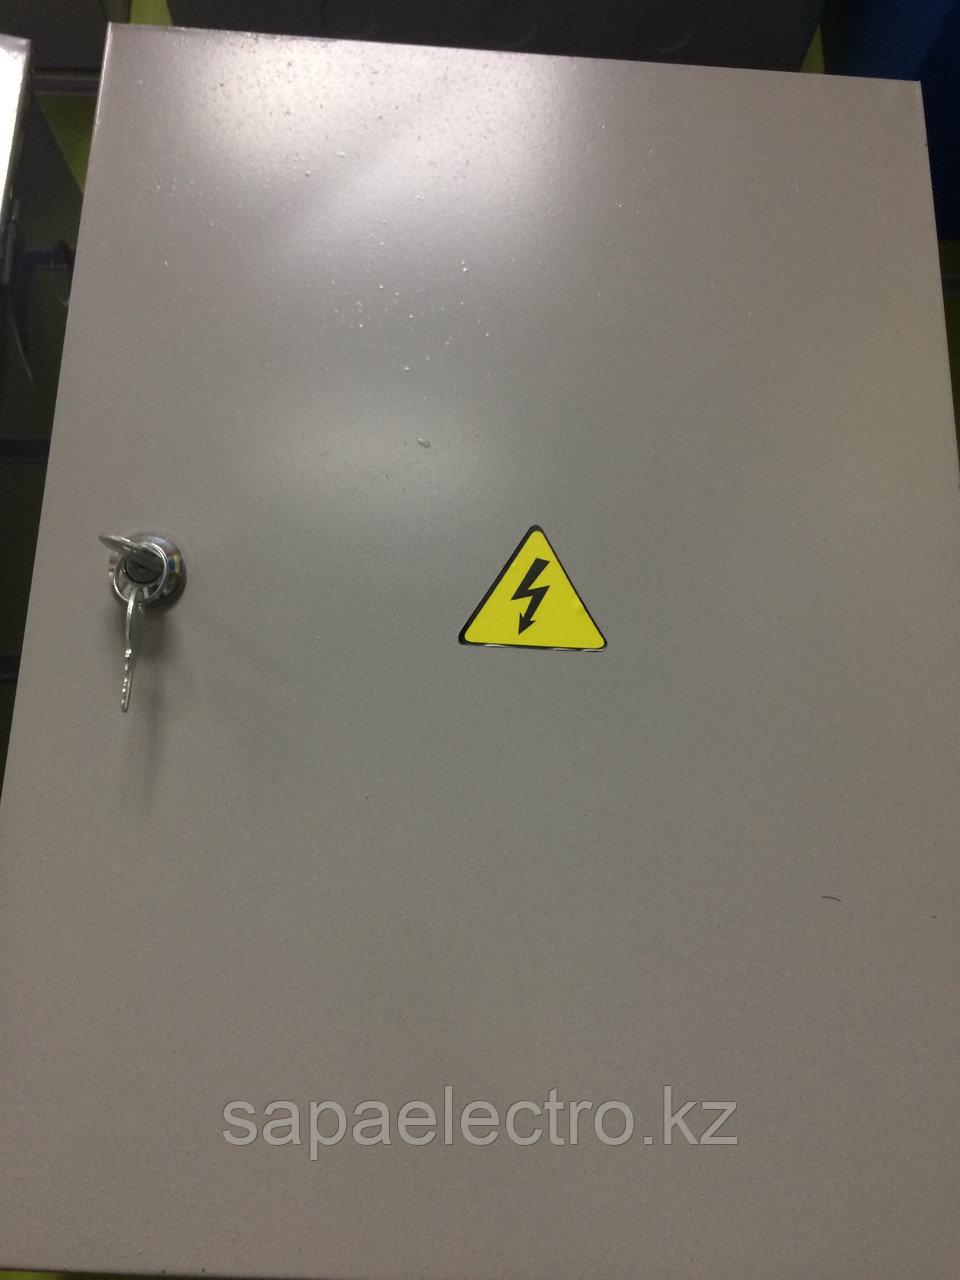 Сборка электросчетчик номад 1 фазный 1 тарифный простой щит